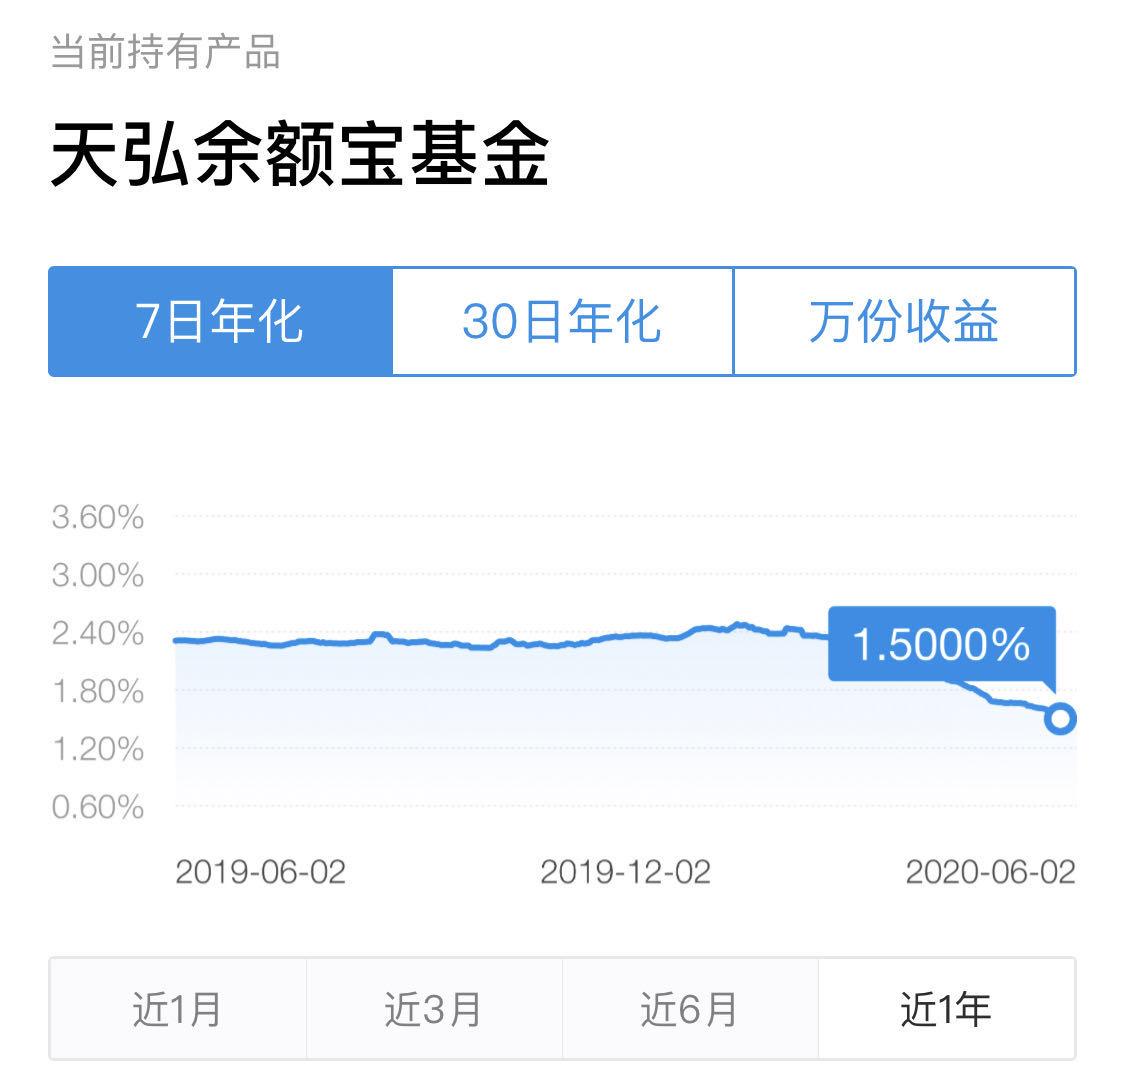 余额宝收益率跌至1.5% 网友:大部分钱已转移到银行